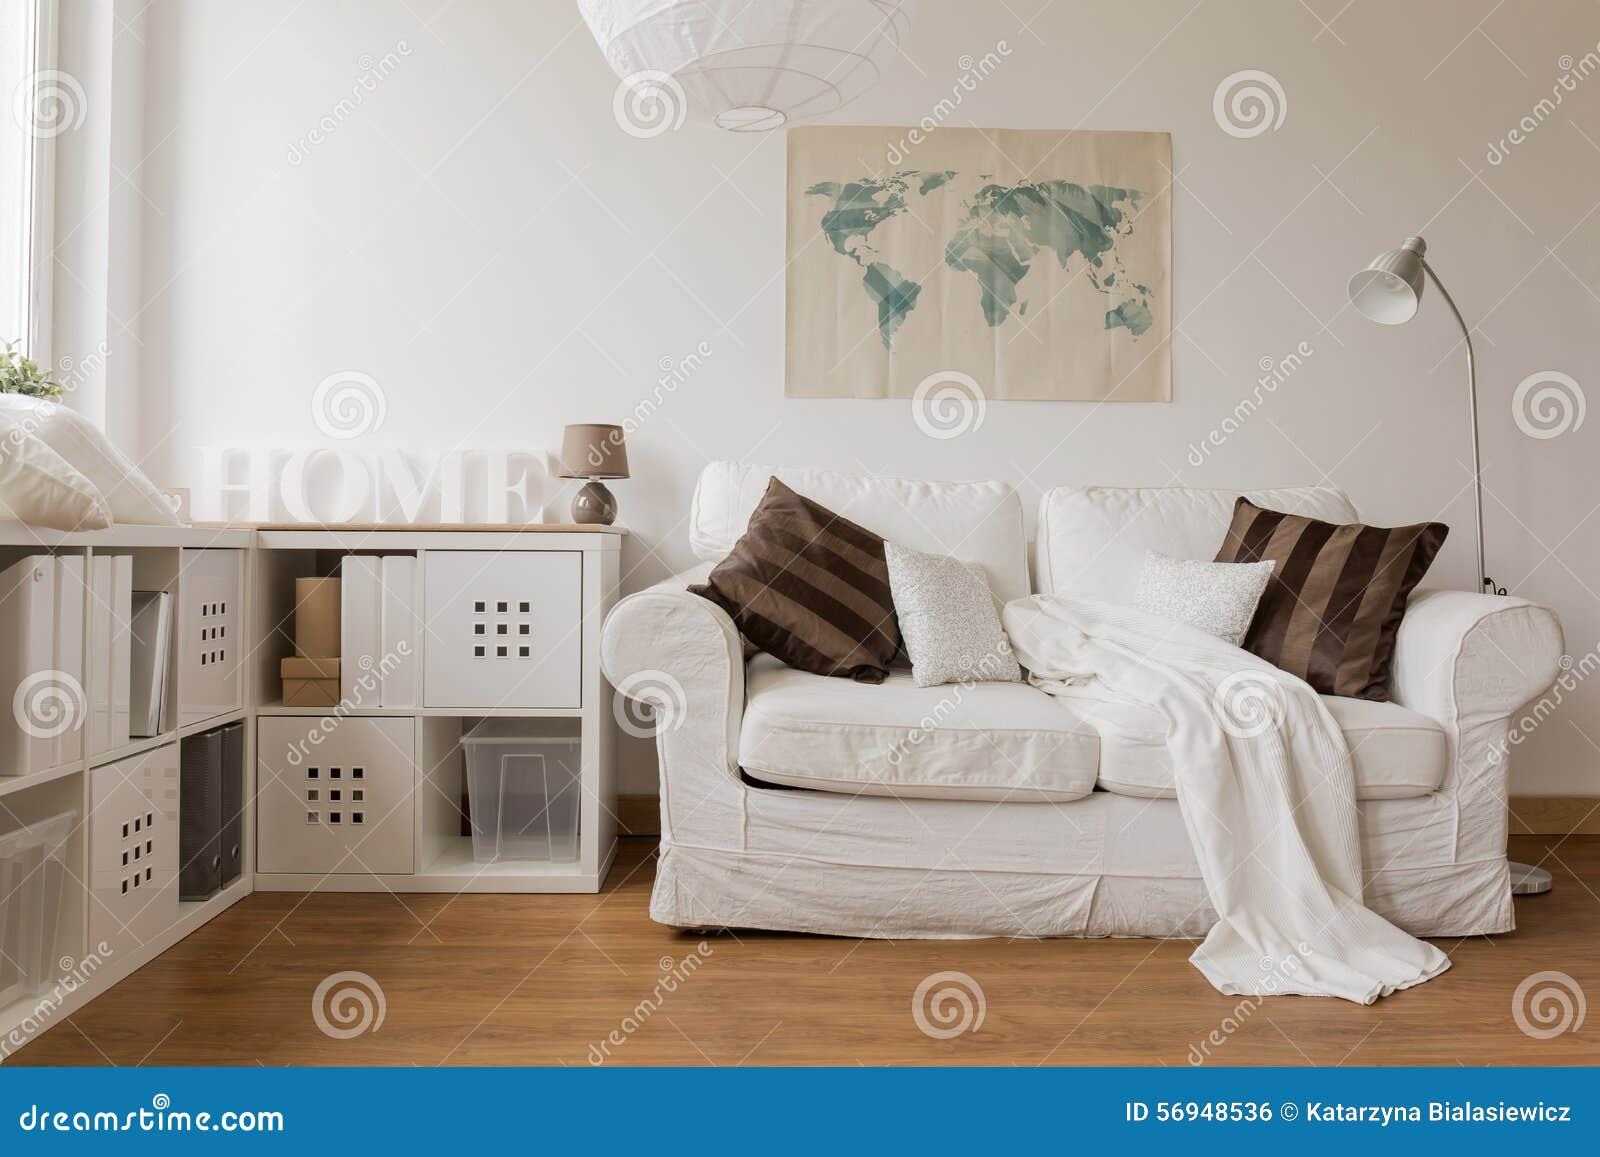 Vit soffa i vardagsrum arkivfoto   bild: 56948536